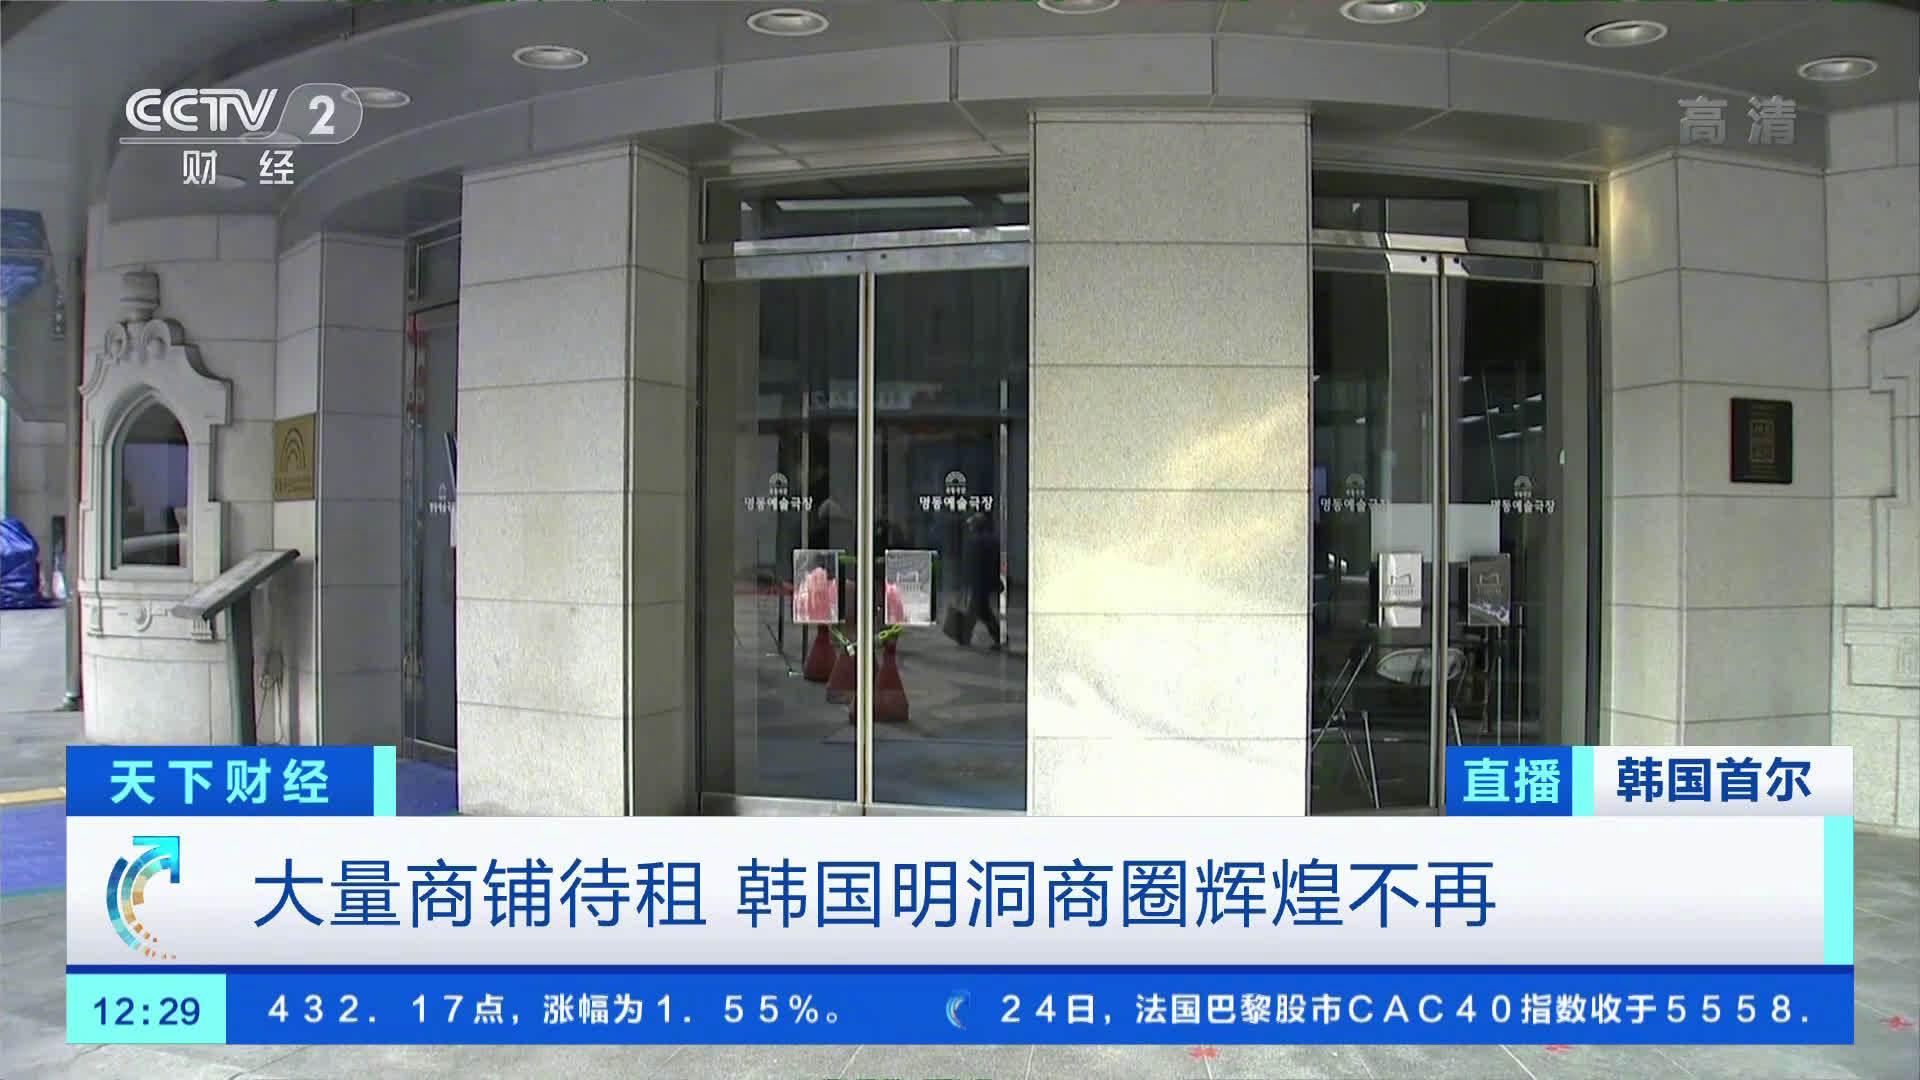 韩国明洞商圈辉煌不再,三季度明洞小型商铺空置率近3成